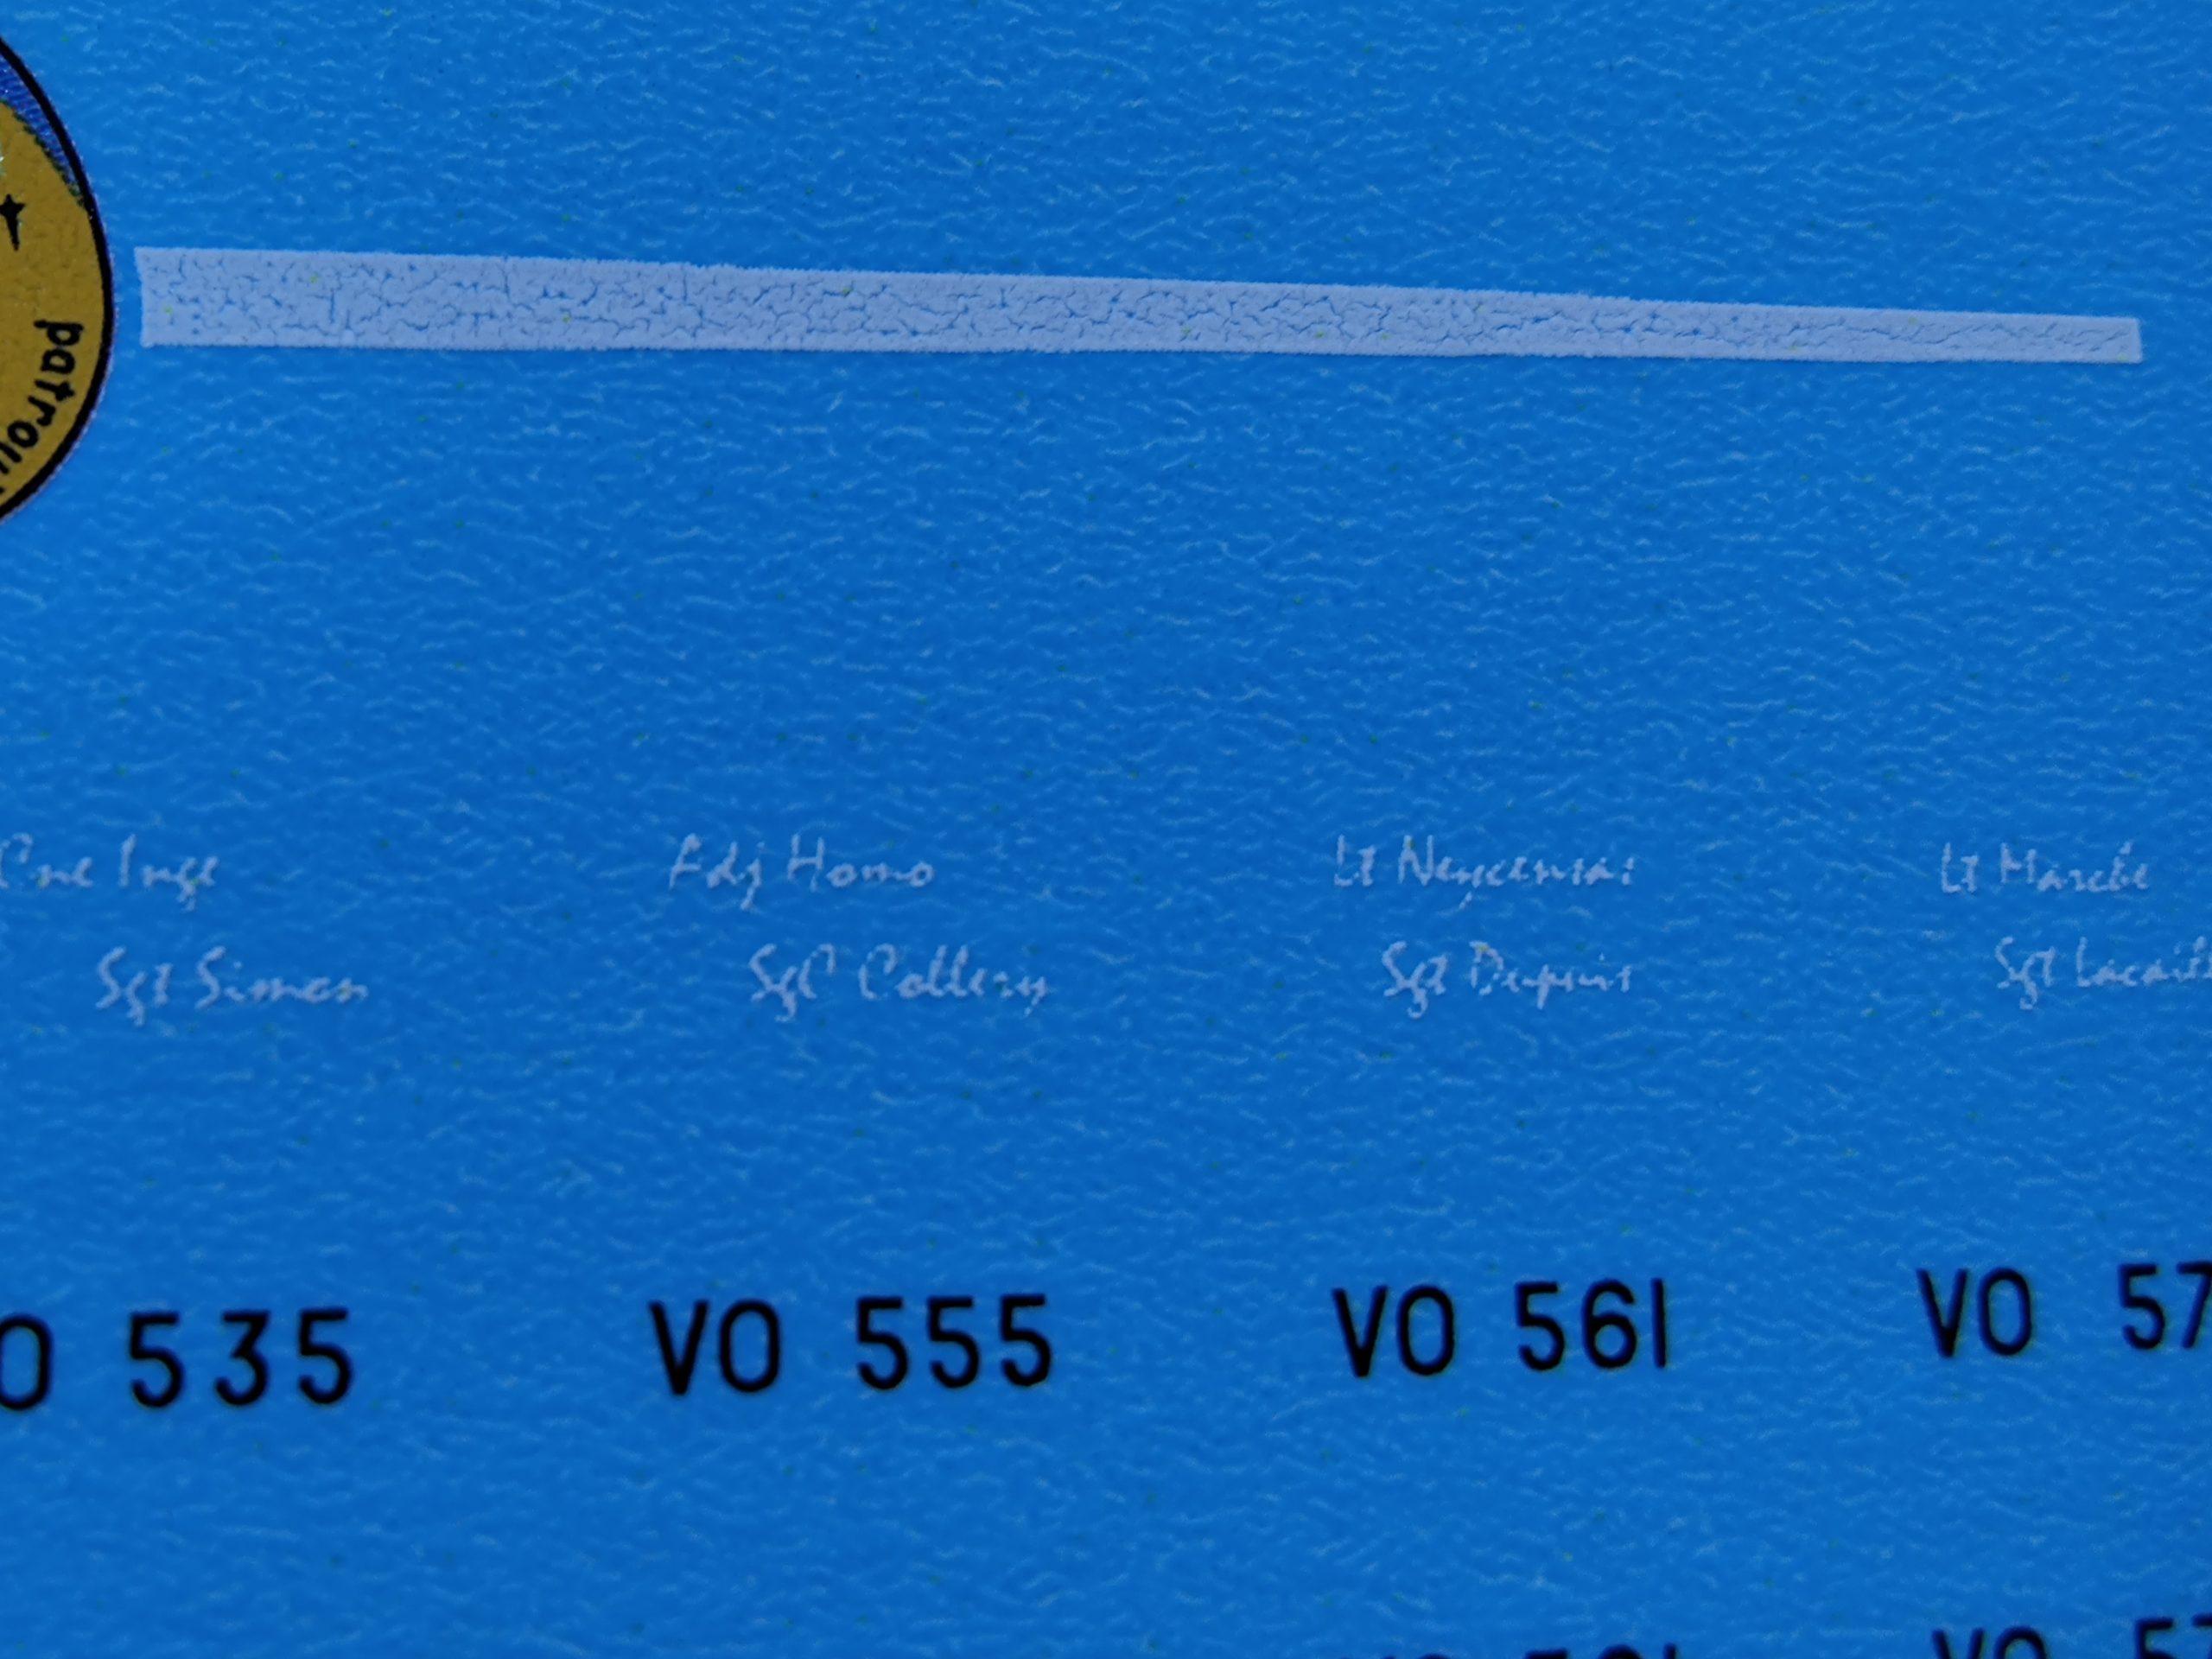 Heller_magister012-scaled Heller Fouga Magister CM 170 in 1:72